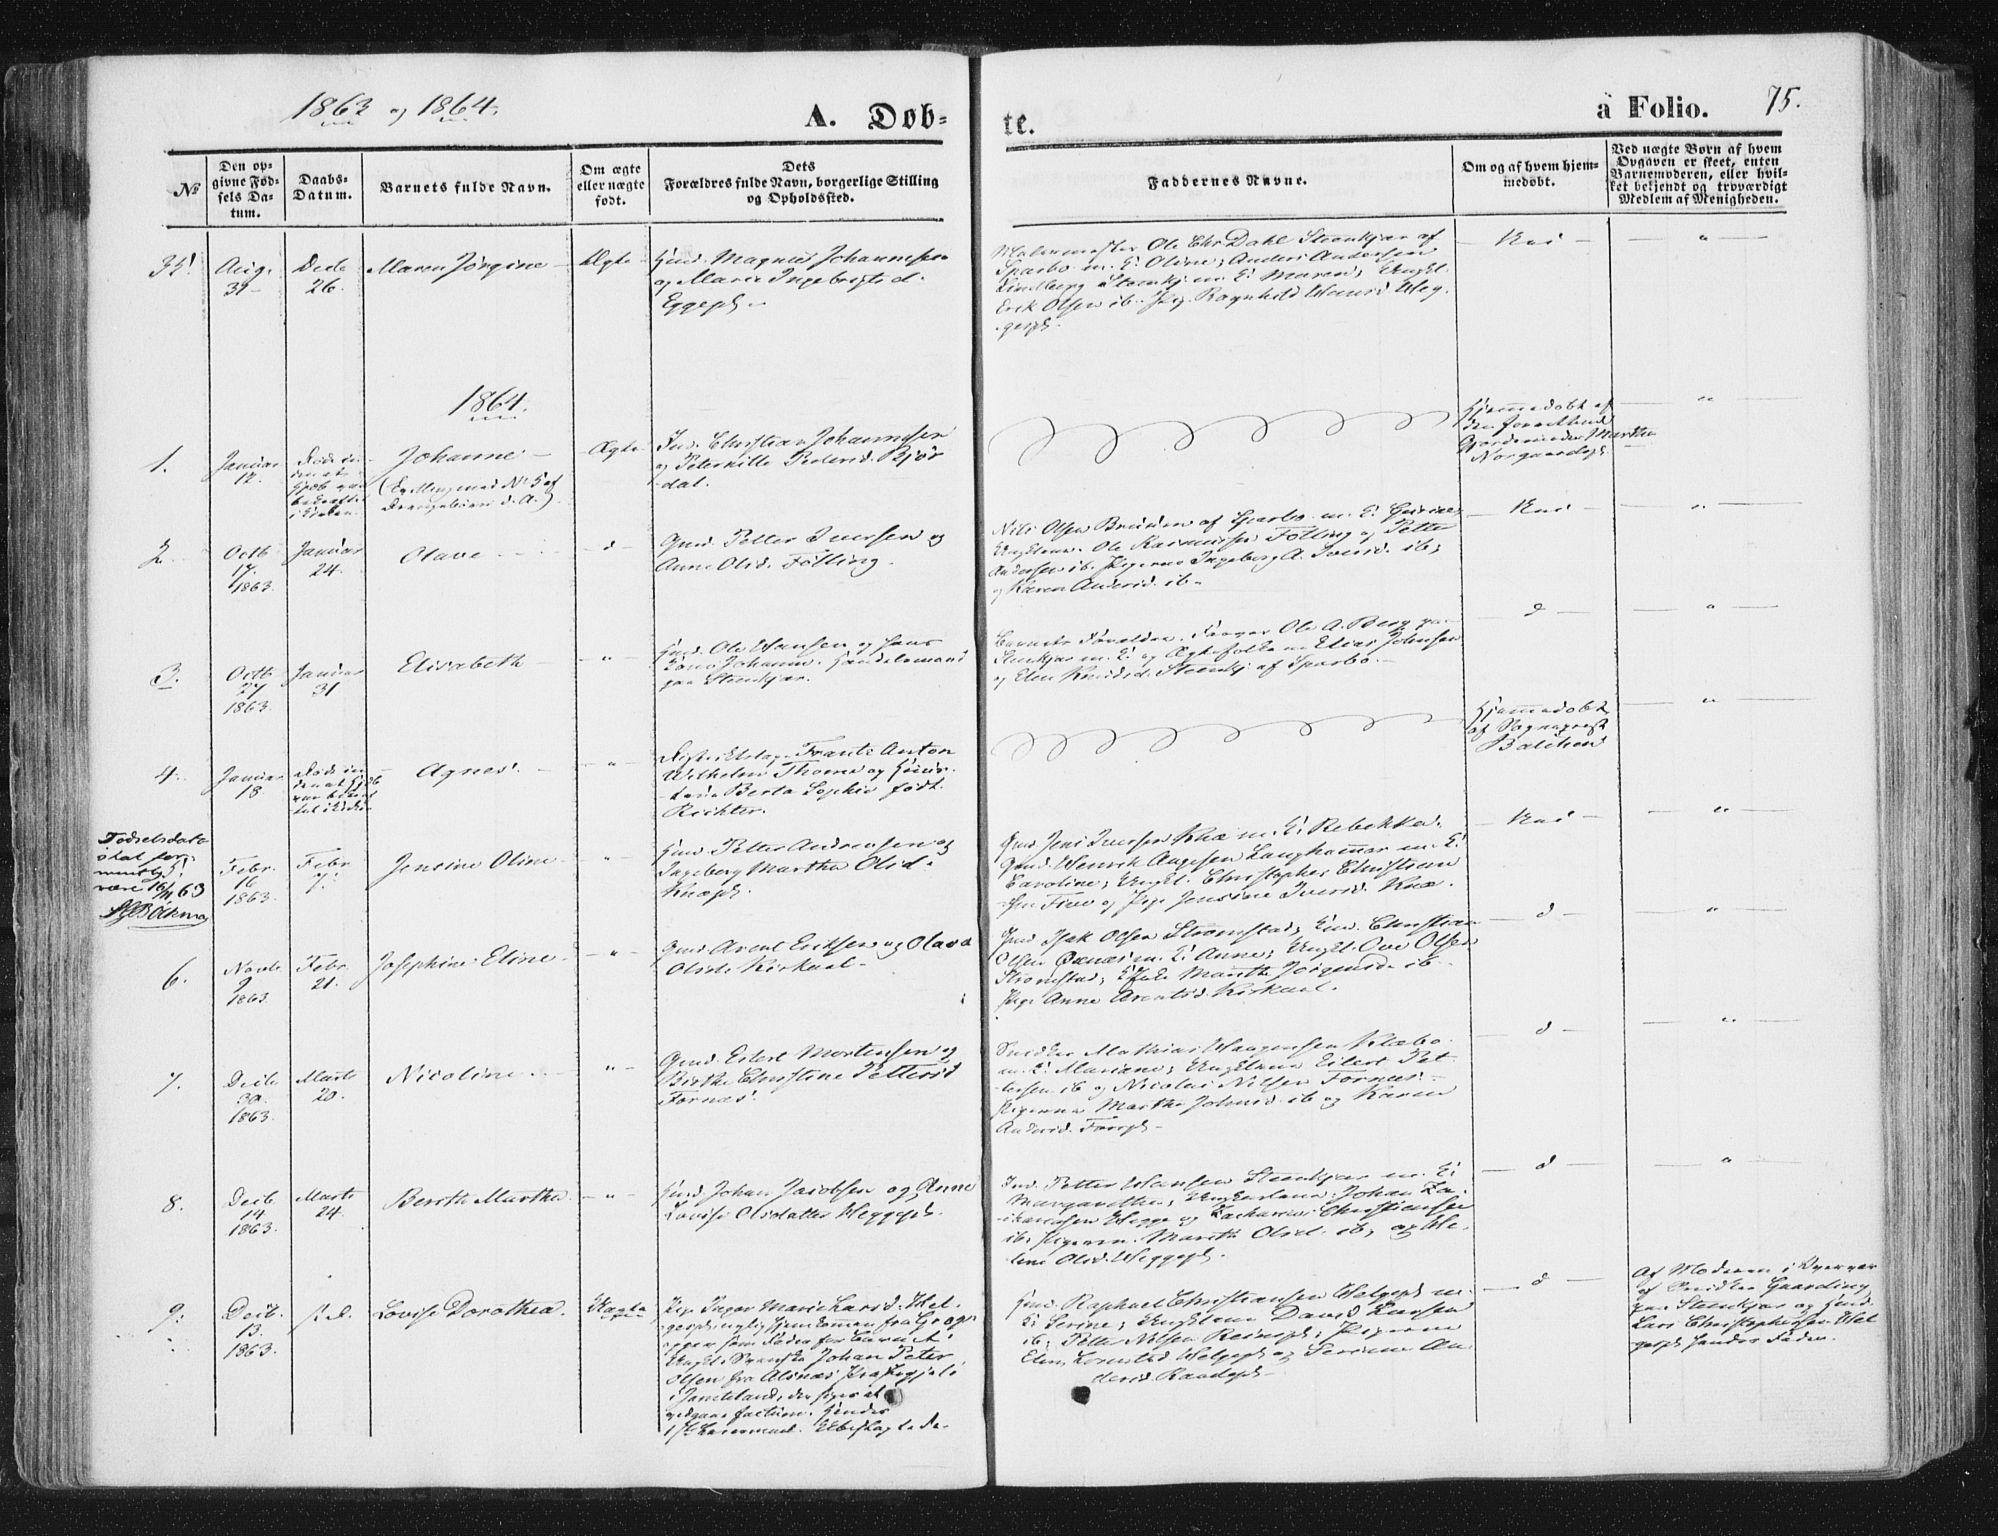 SAT, Ministerialprotokoller, klokkerbøker og fødselsregistre - Nord-Trøndelag, 746/L0447: Ministerialbok nr. 746A06, 1860-1877, s. 75